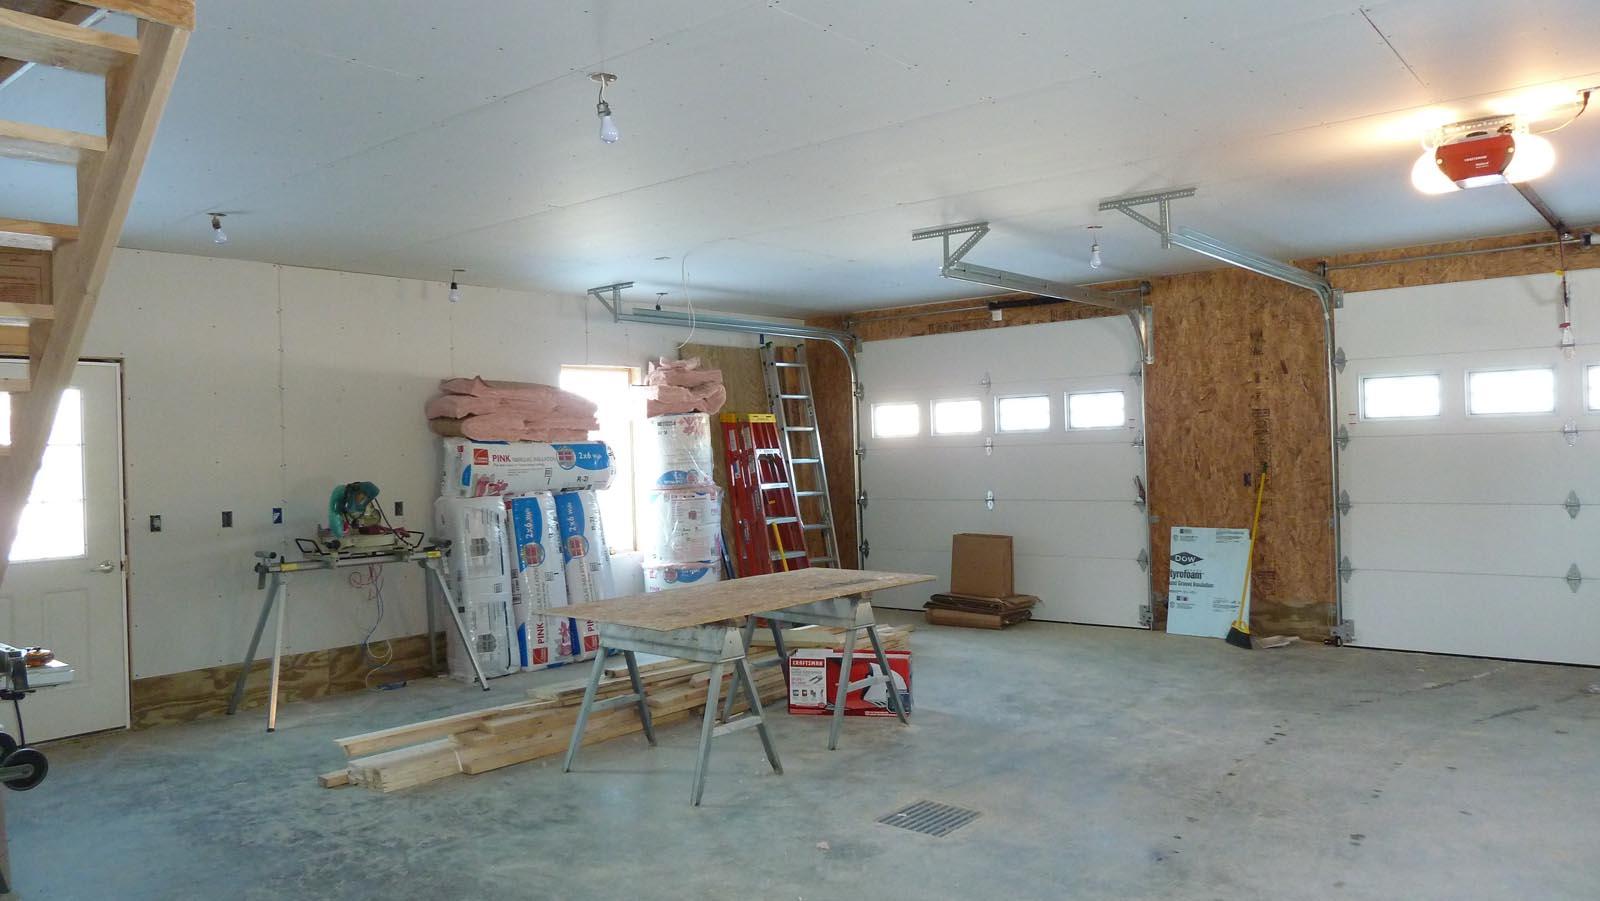 Garage and av rack quadomated - Inside of a garage ...